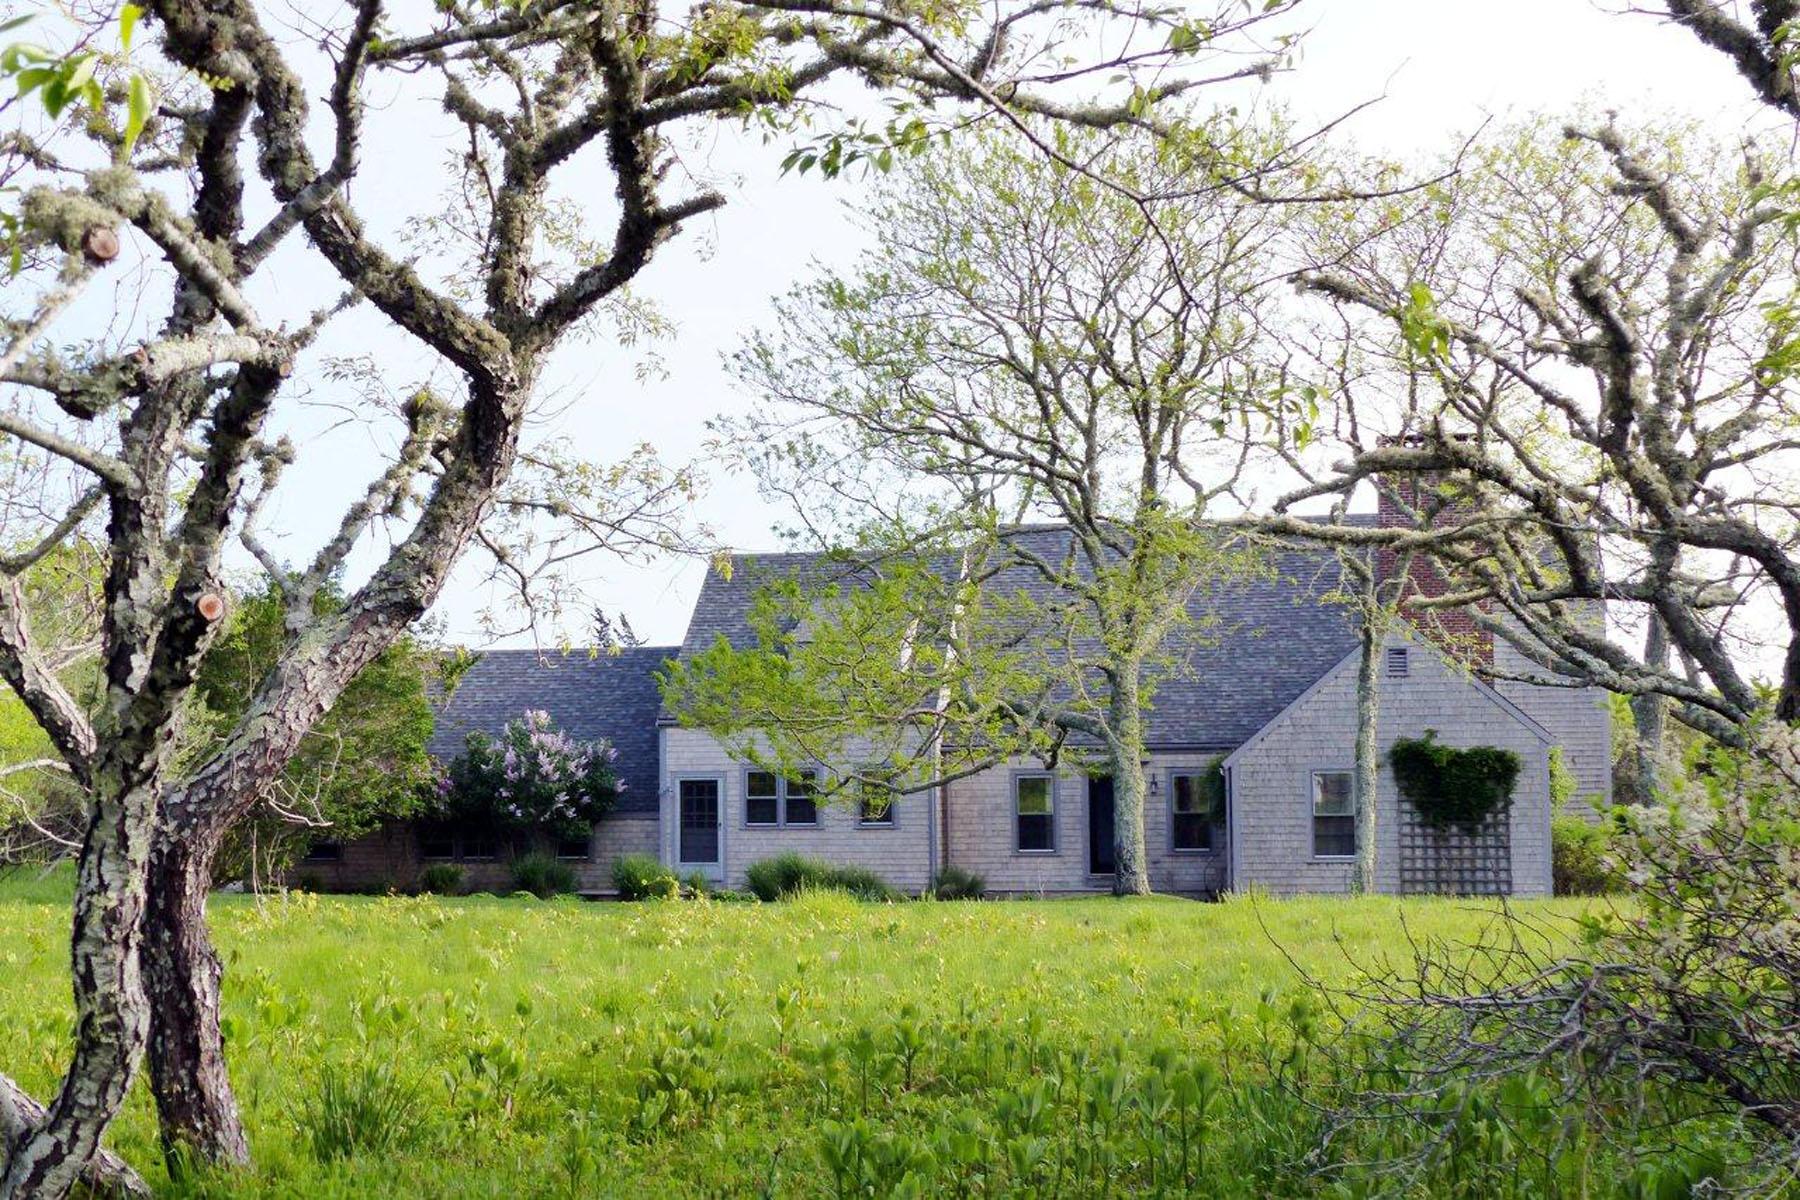 Частный односемейный дом для того Продажа на Five Private Acres 1 Old Quidnet Milk Route Nantucket, Массачусетс 02554 Соединенные Штаты